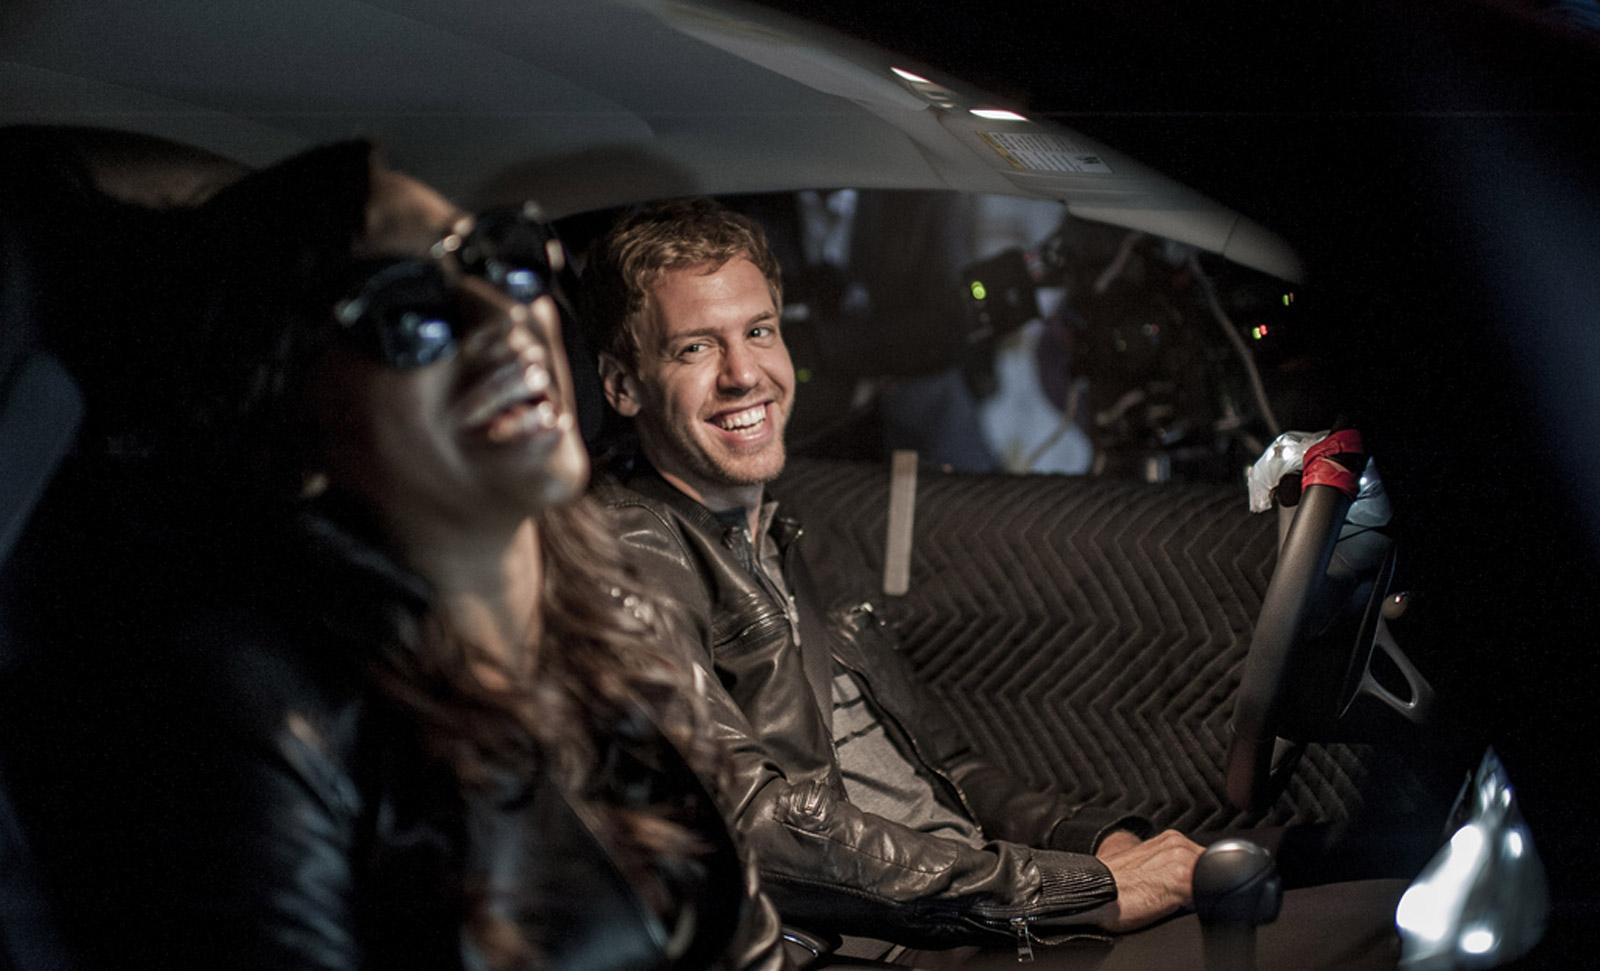 BMW Pickup Truck >> Sebastian Vettel Stars In R&B Singer Melanie Fiona's New ...